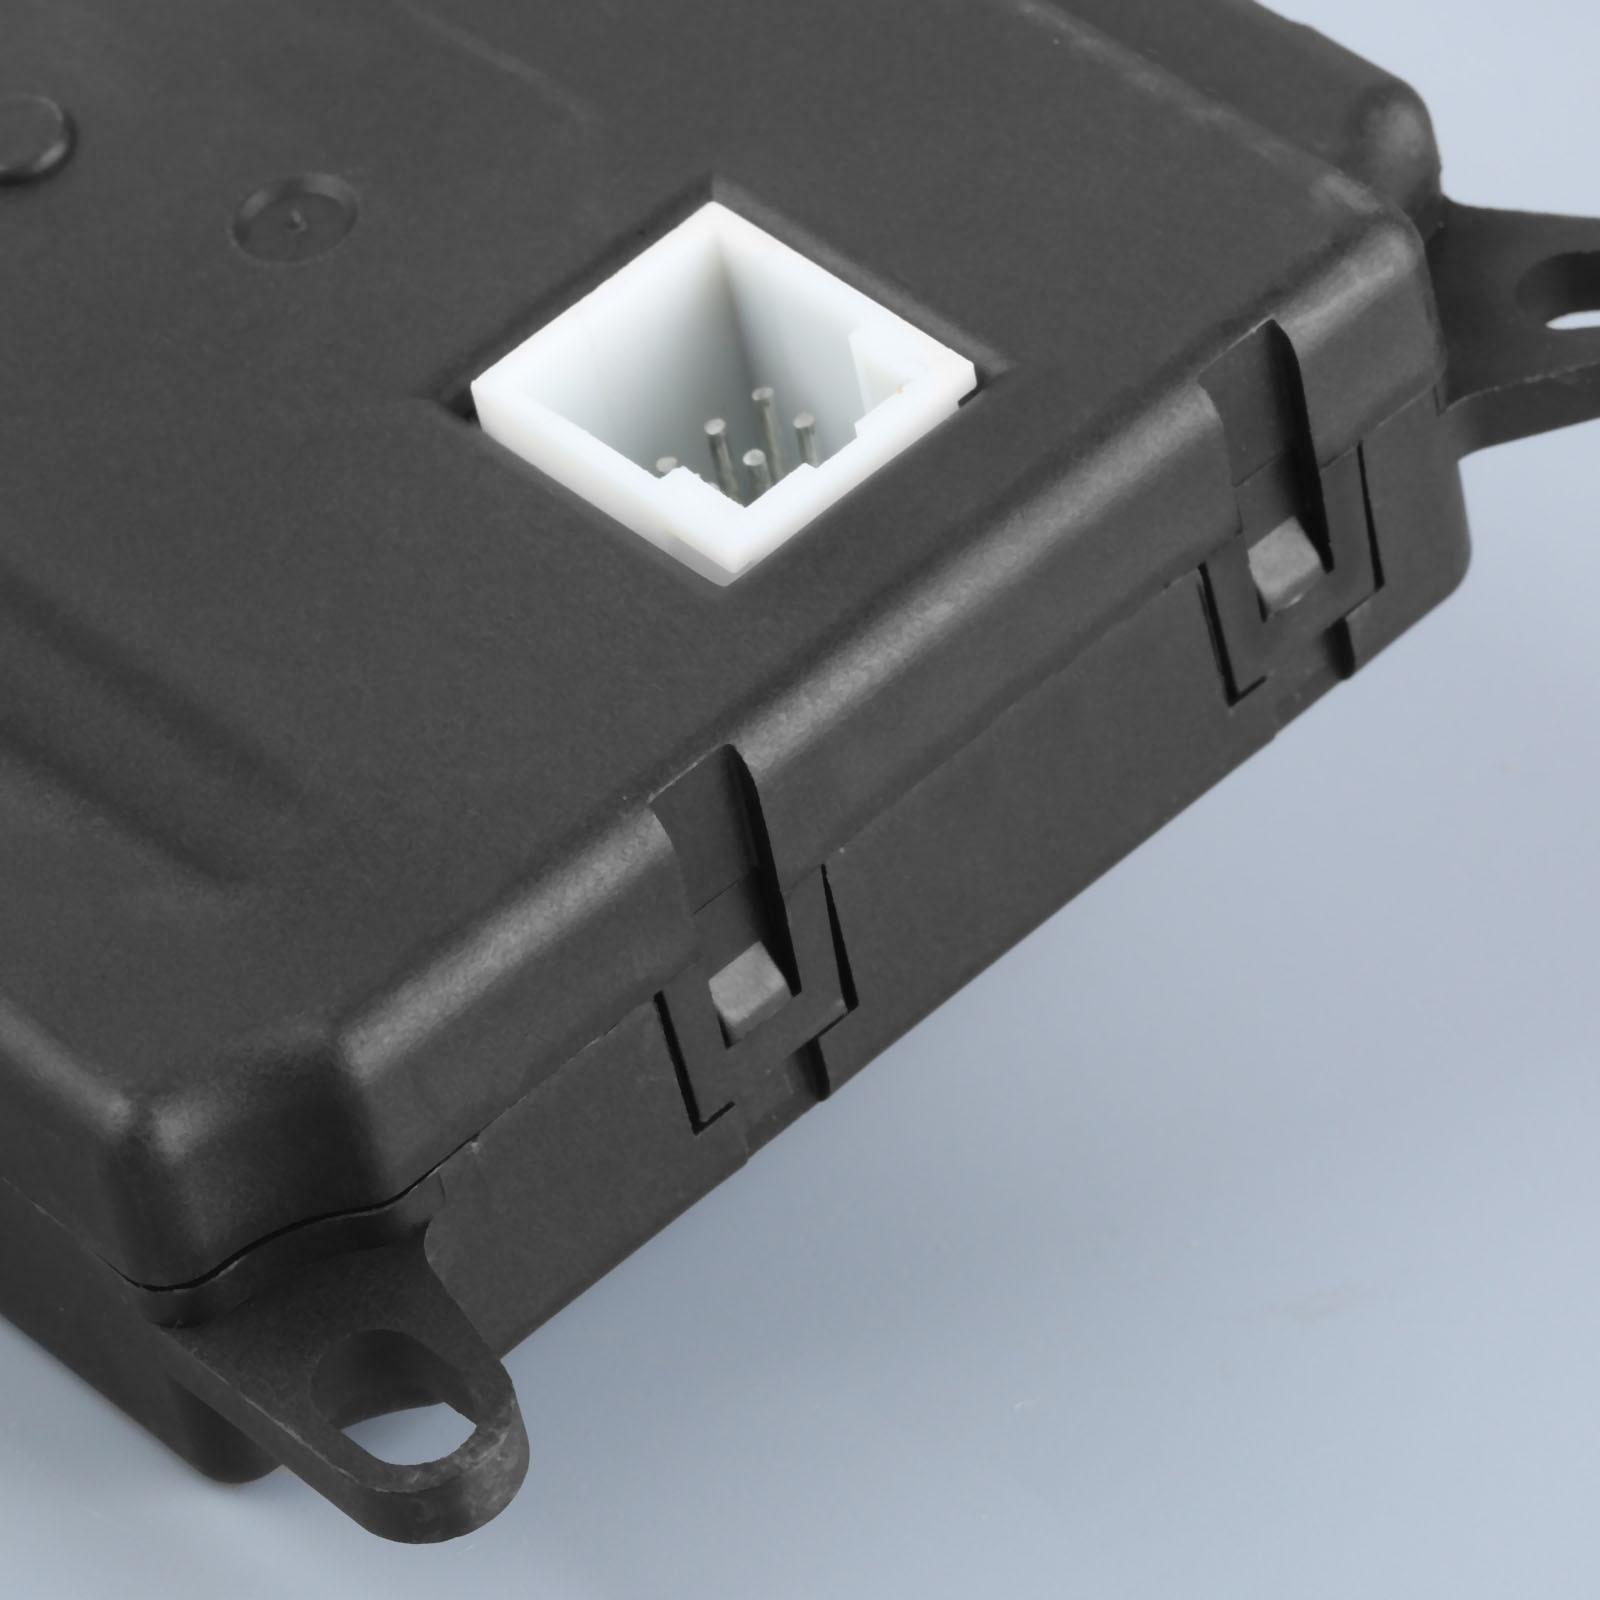 Image 5 - HVAC F7DZ 19E616 BA нагреватель r смесь воздуха вентиляционный дверной привод вентилятор отопителя Вентилятор Мотор 604 207 для Ford Explorer Lincoln, Mercury-in Детали для обогревателя from Автомобили и мотоциклы